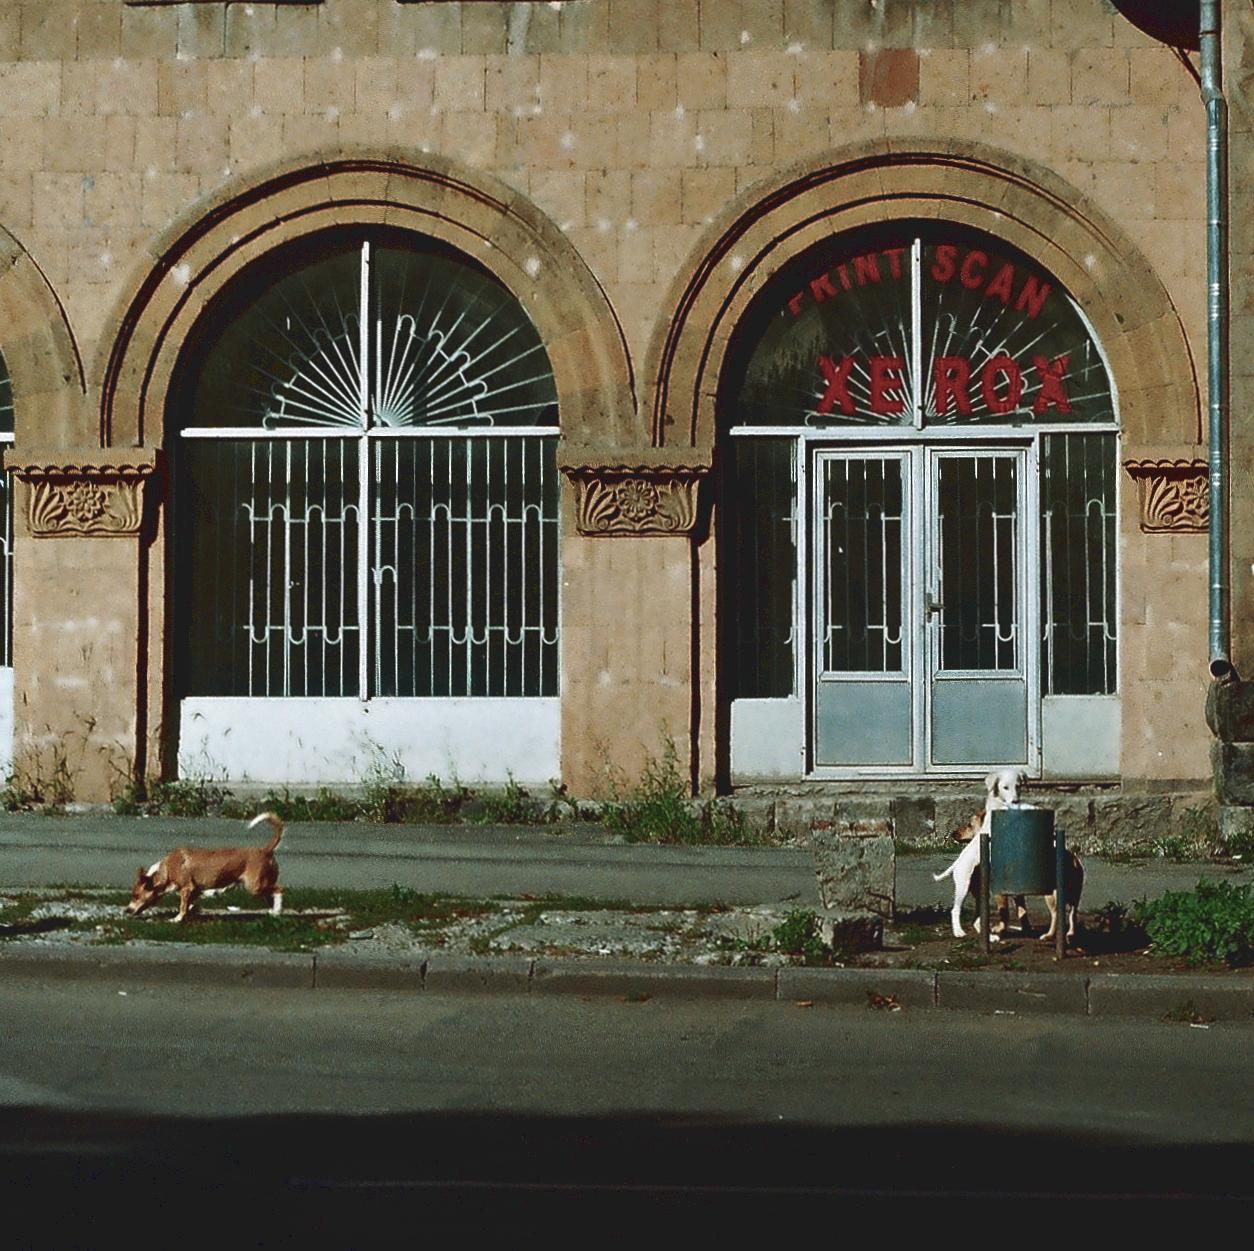 Վանաձոր, Տիգրան Մեծ պողոտա